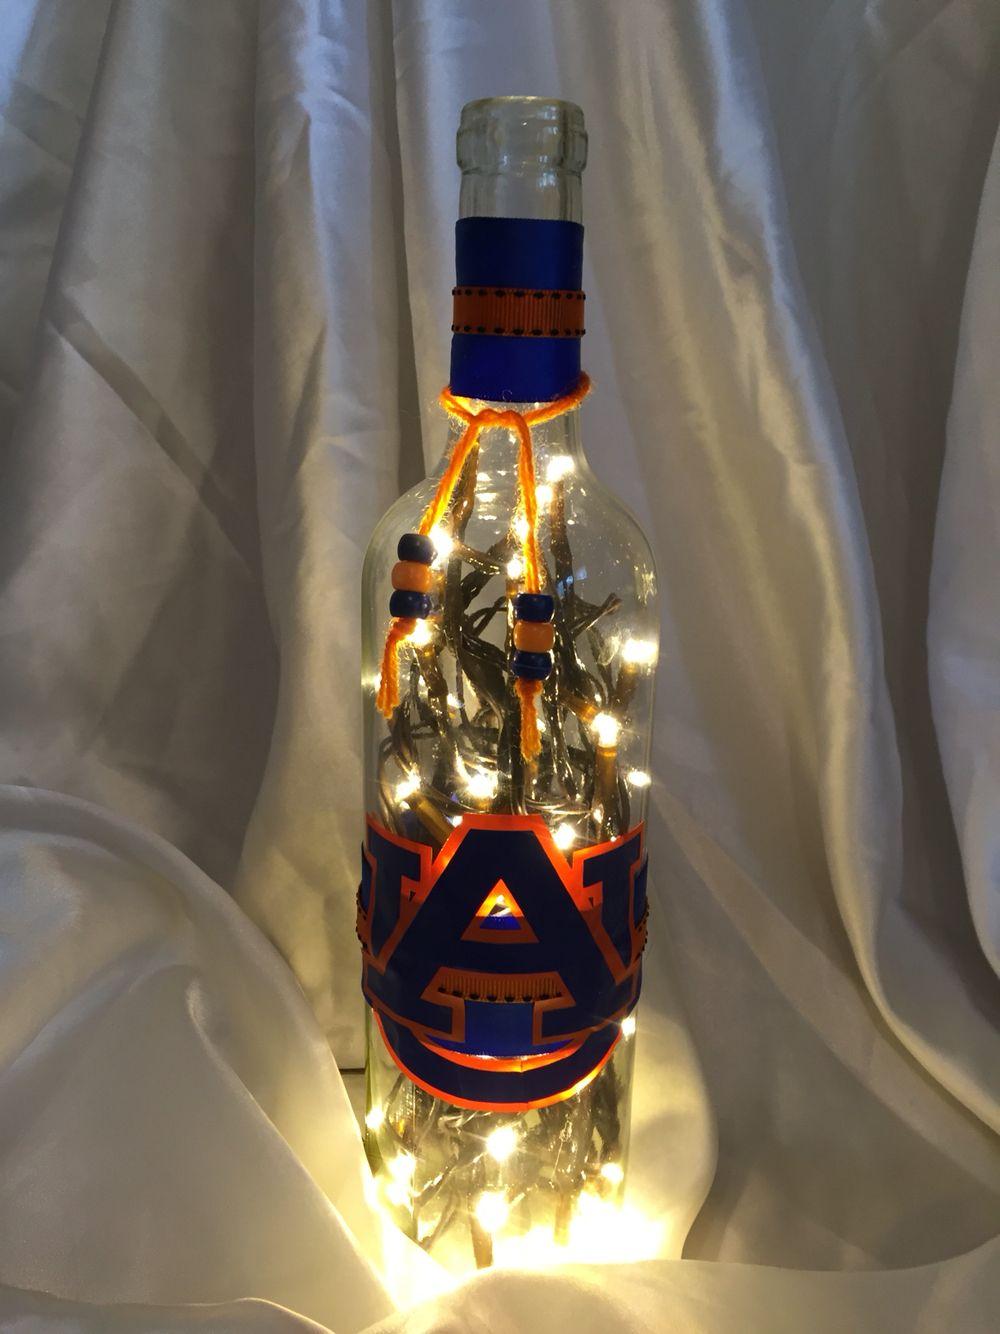 Auburn lighted wine bottle